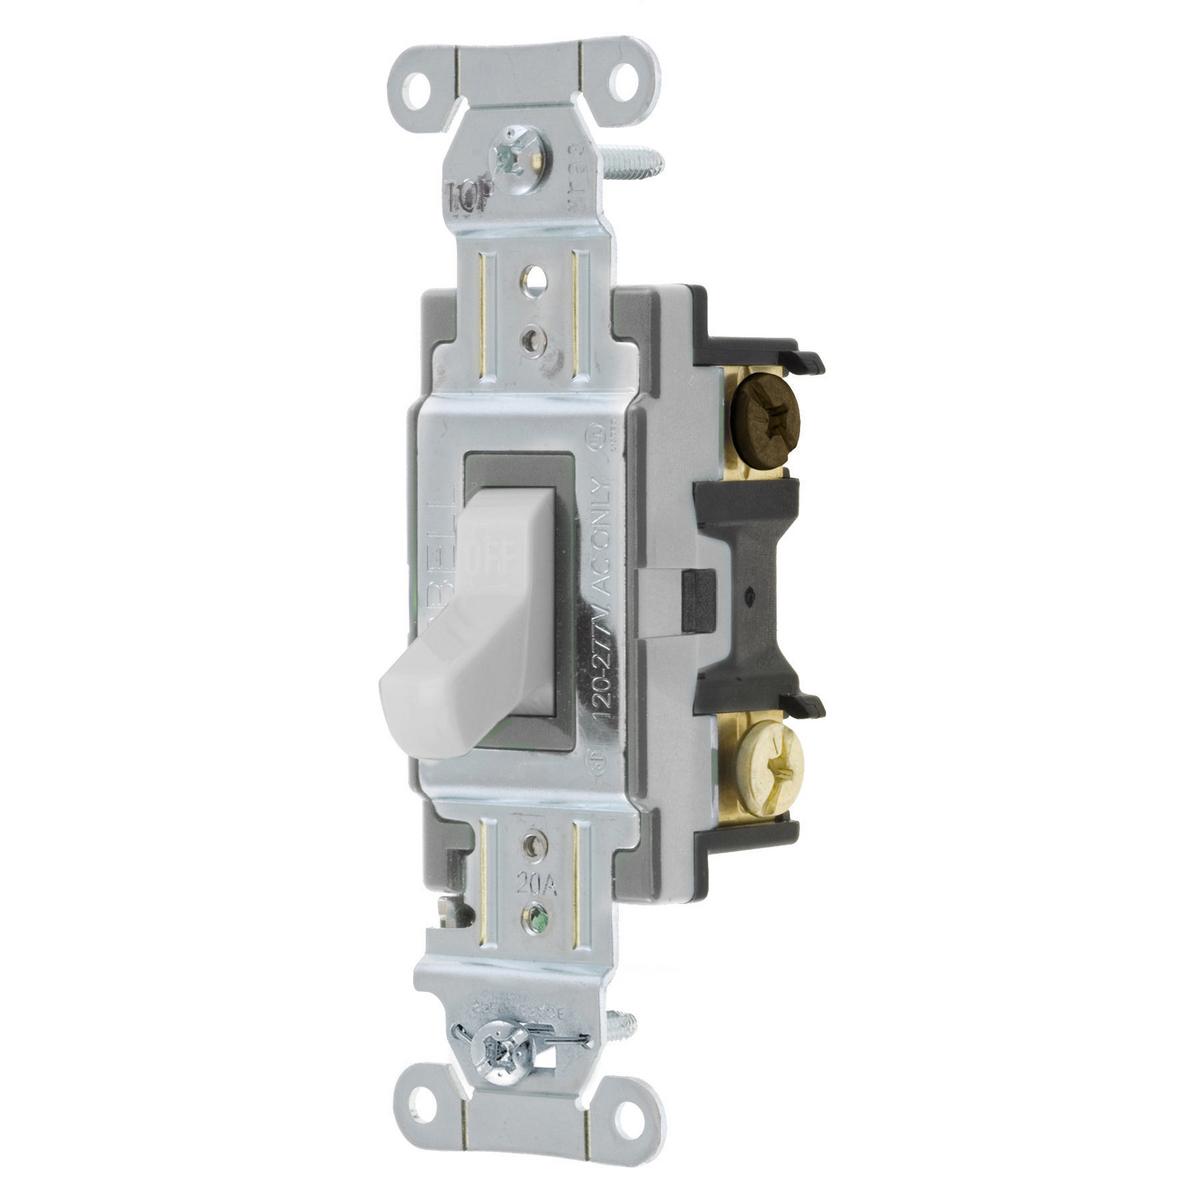 Cs320w Brand Wiring Device Kellems Switch Machine